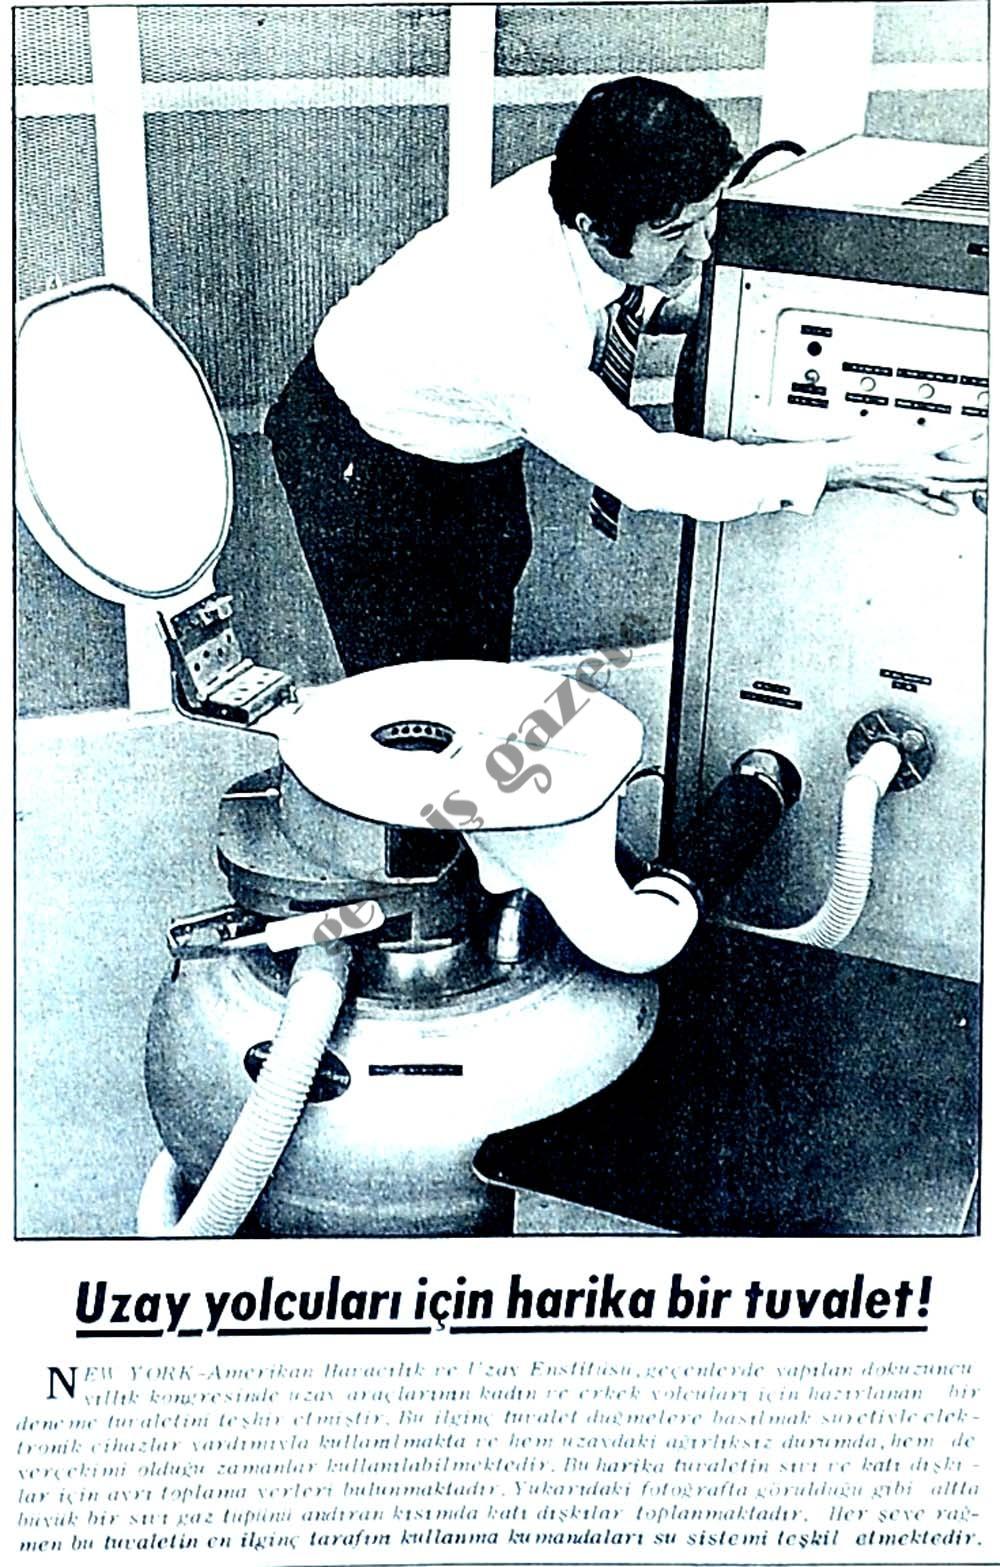 Uzay yolcuları için harika bir tuvalet!